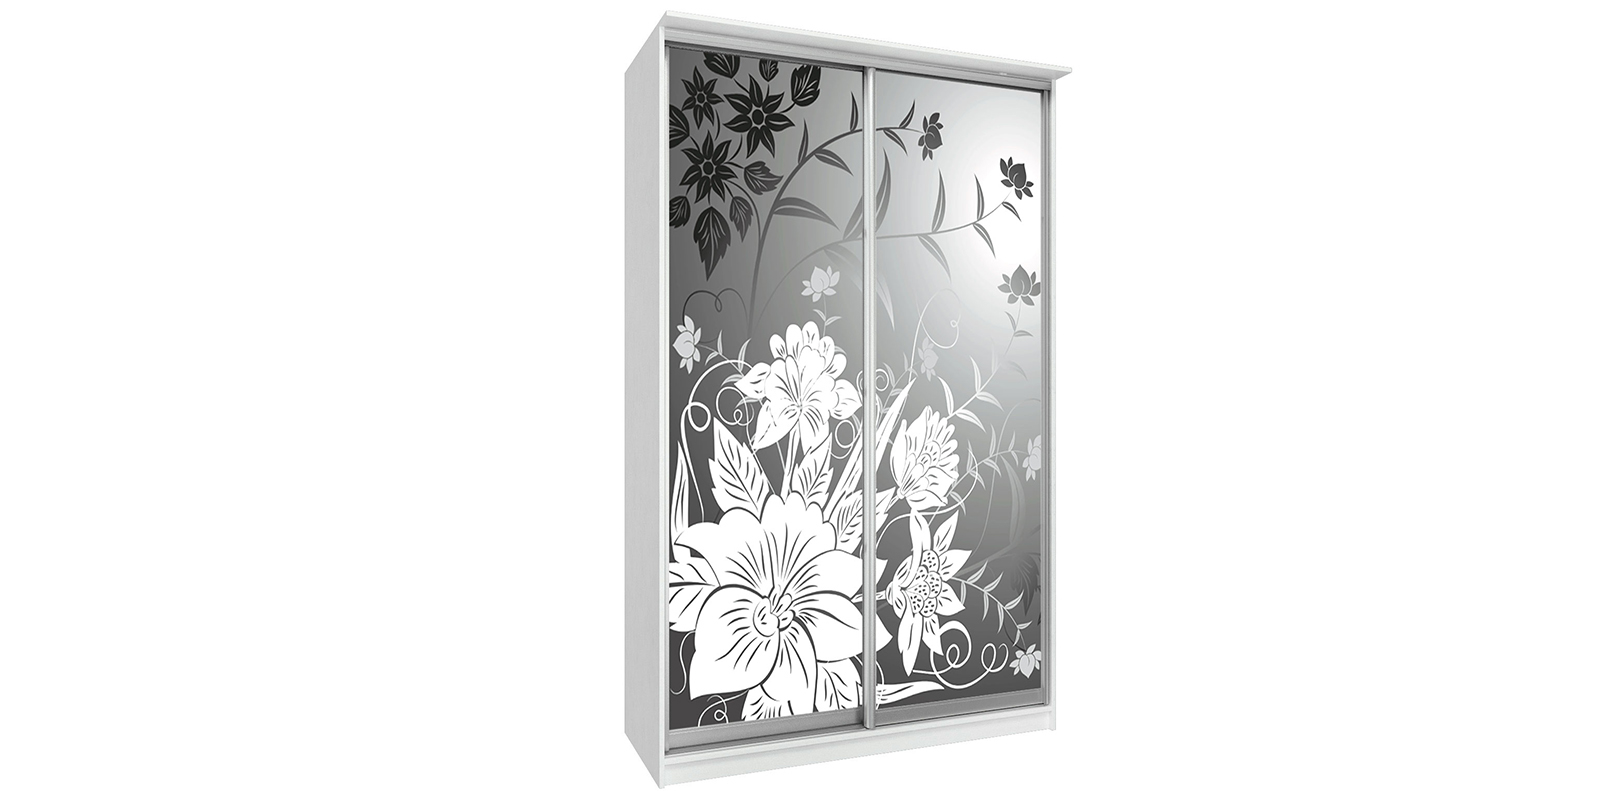 Шкаф-купе двухдверный Манчестер 150 см (белый/цветы)